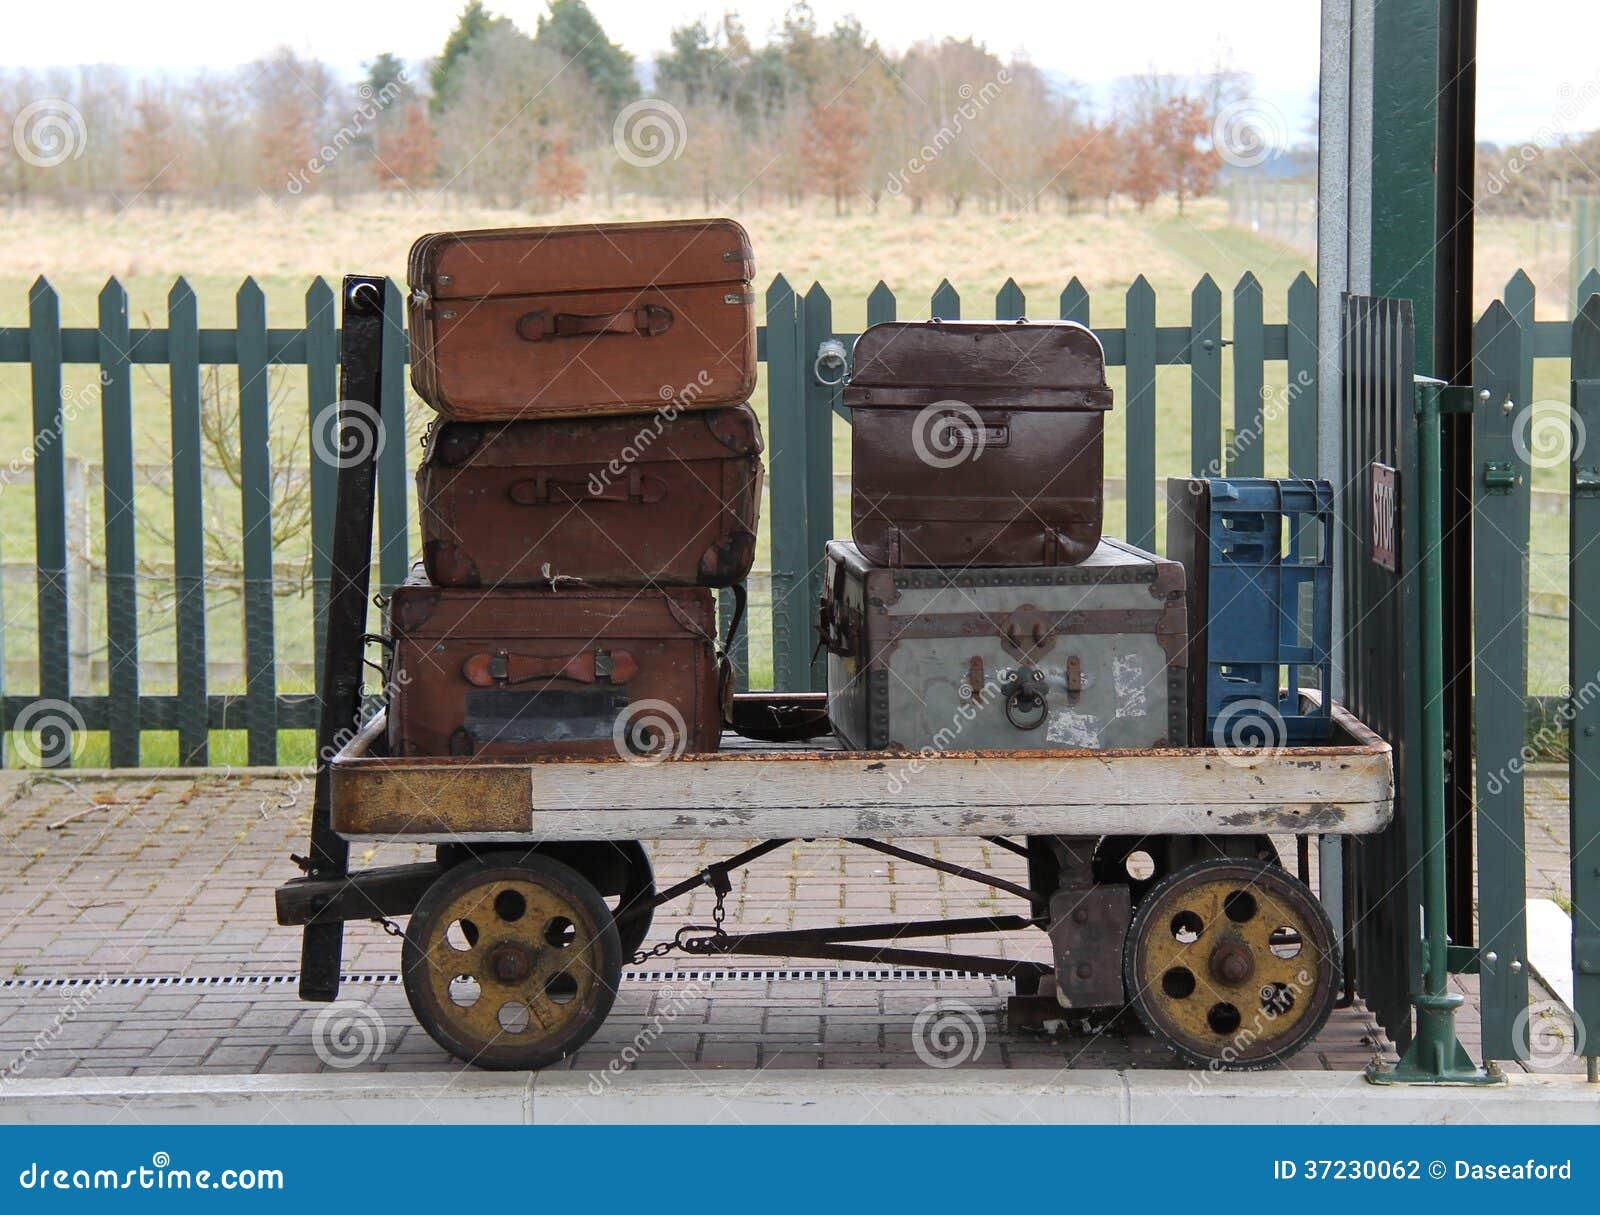 Railway Luggage Trolley. Stock Photography - Image: 37230062